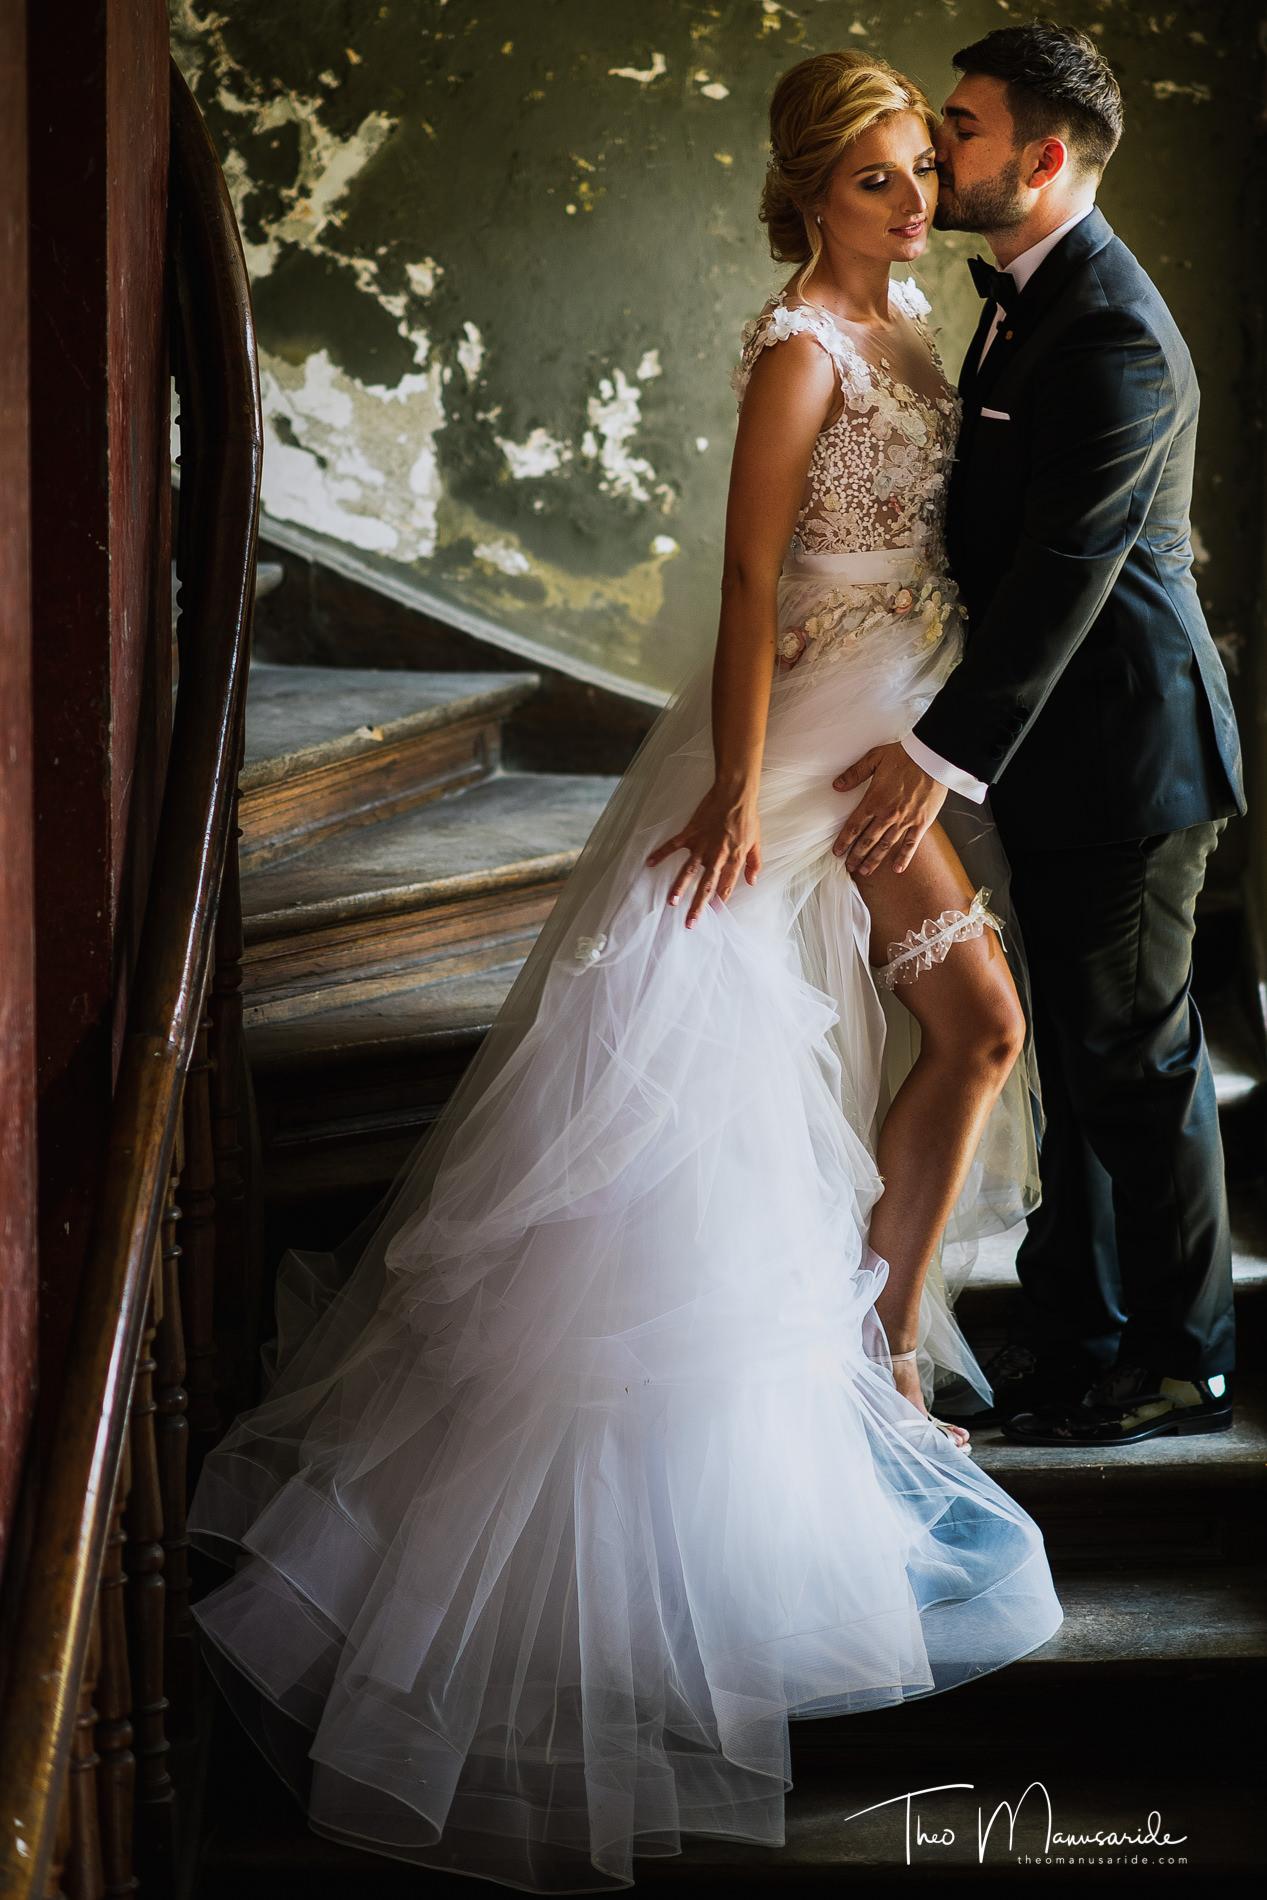 fotograf nunta bucuresti-59